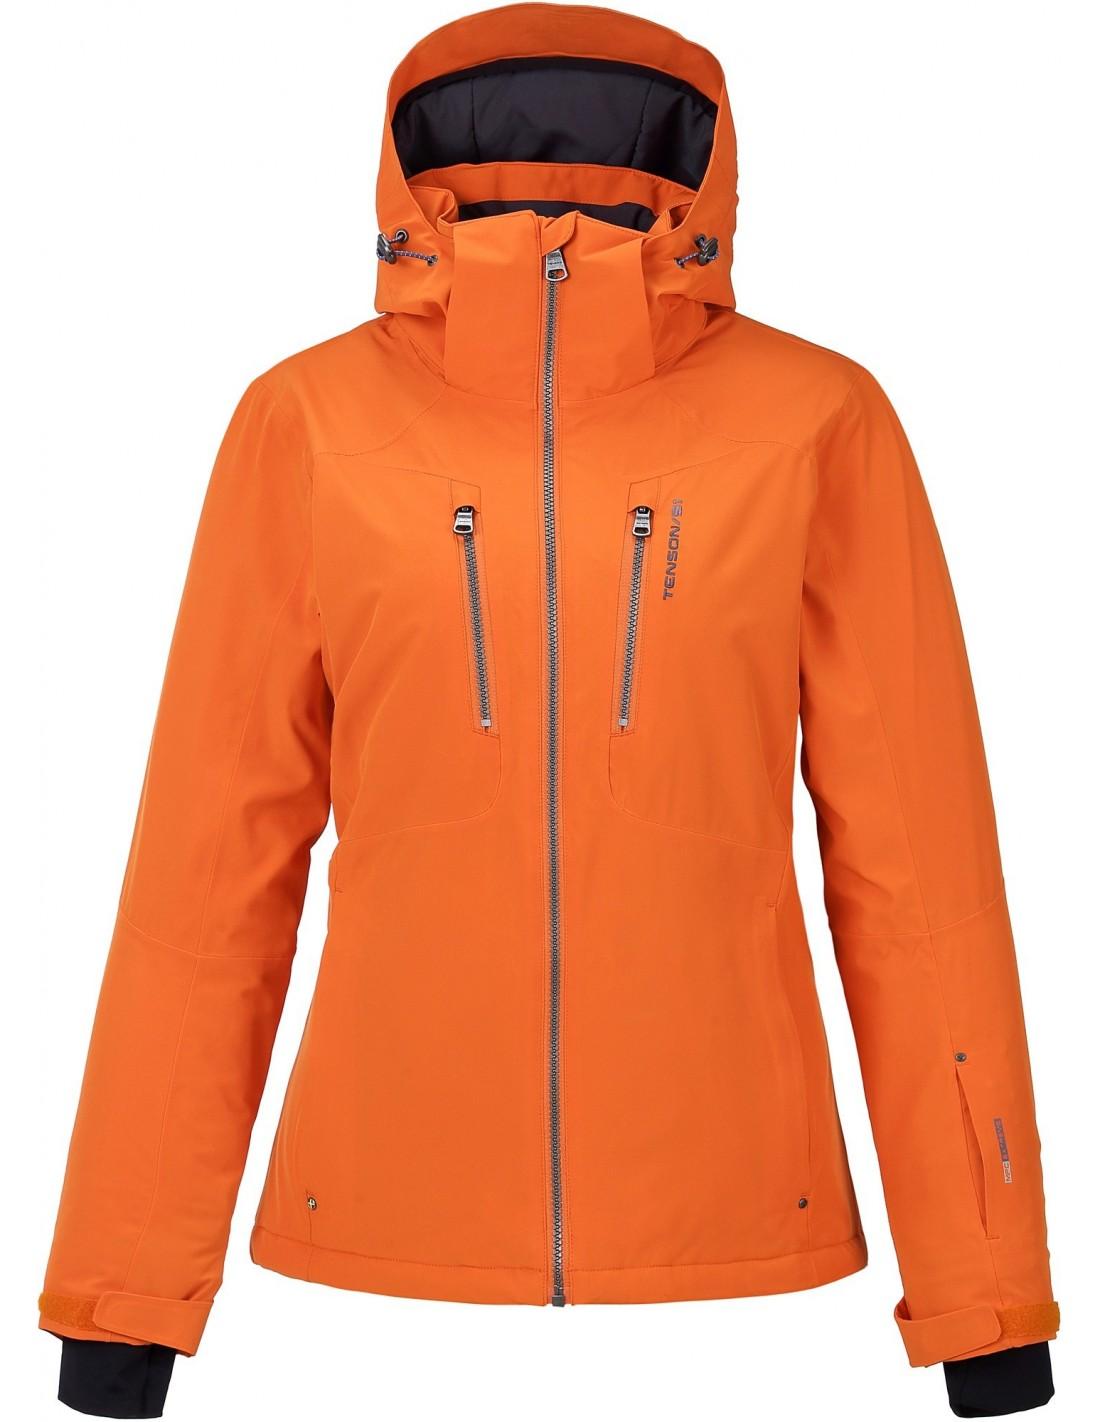 8cb08496c7c6a Kurtka narciarska damska Tenson Yoko, pomarańczowa - STSklep